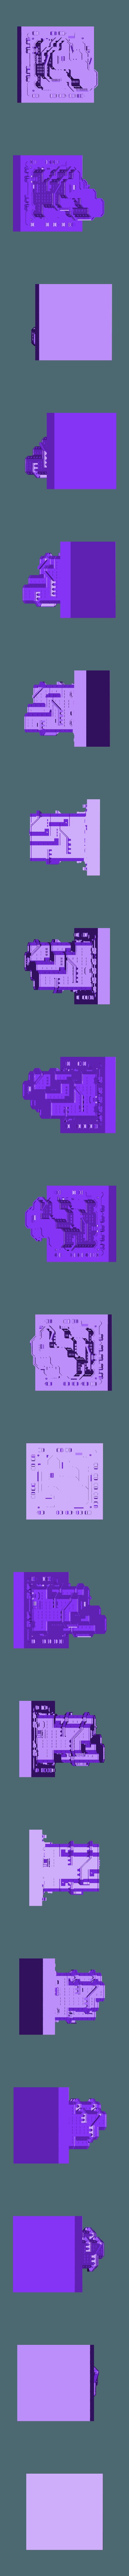 medium4.stl Télécharger fichier STL gratuit Bâtiments de procédure • Design pour impression 3D, ferjerez3d